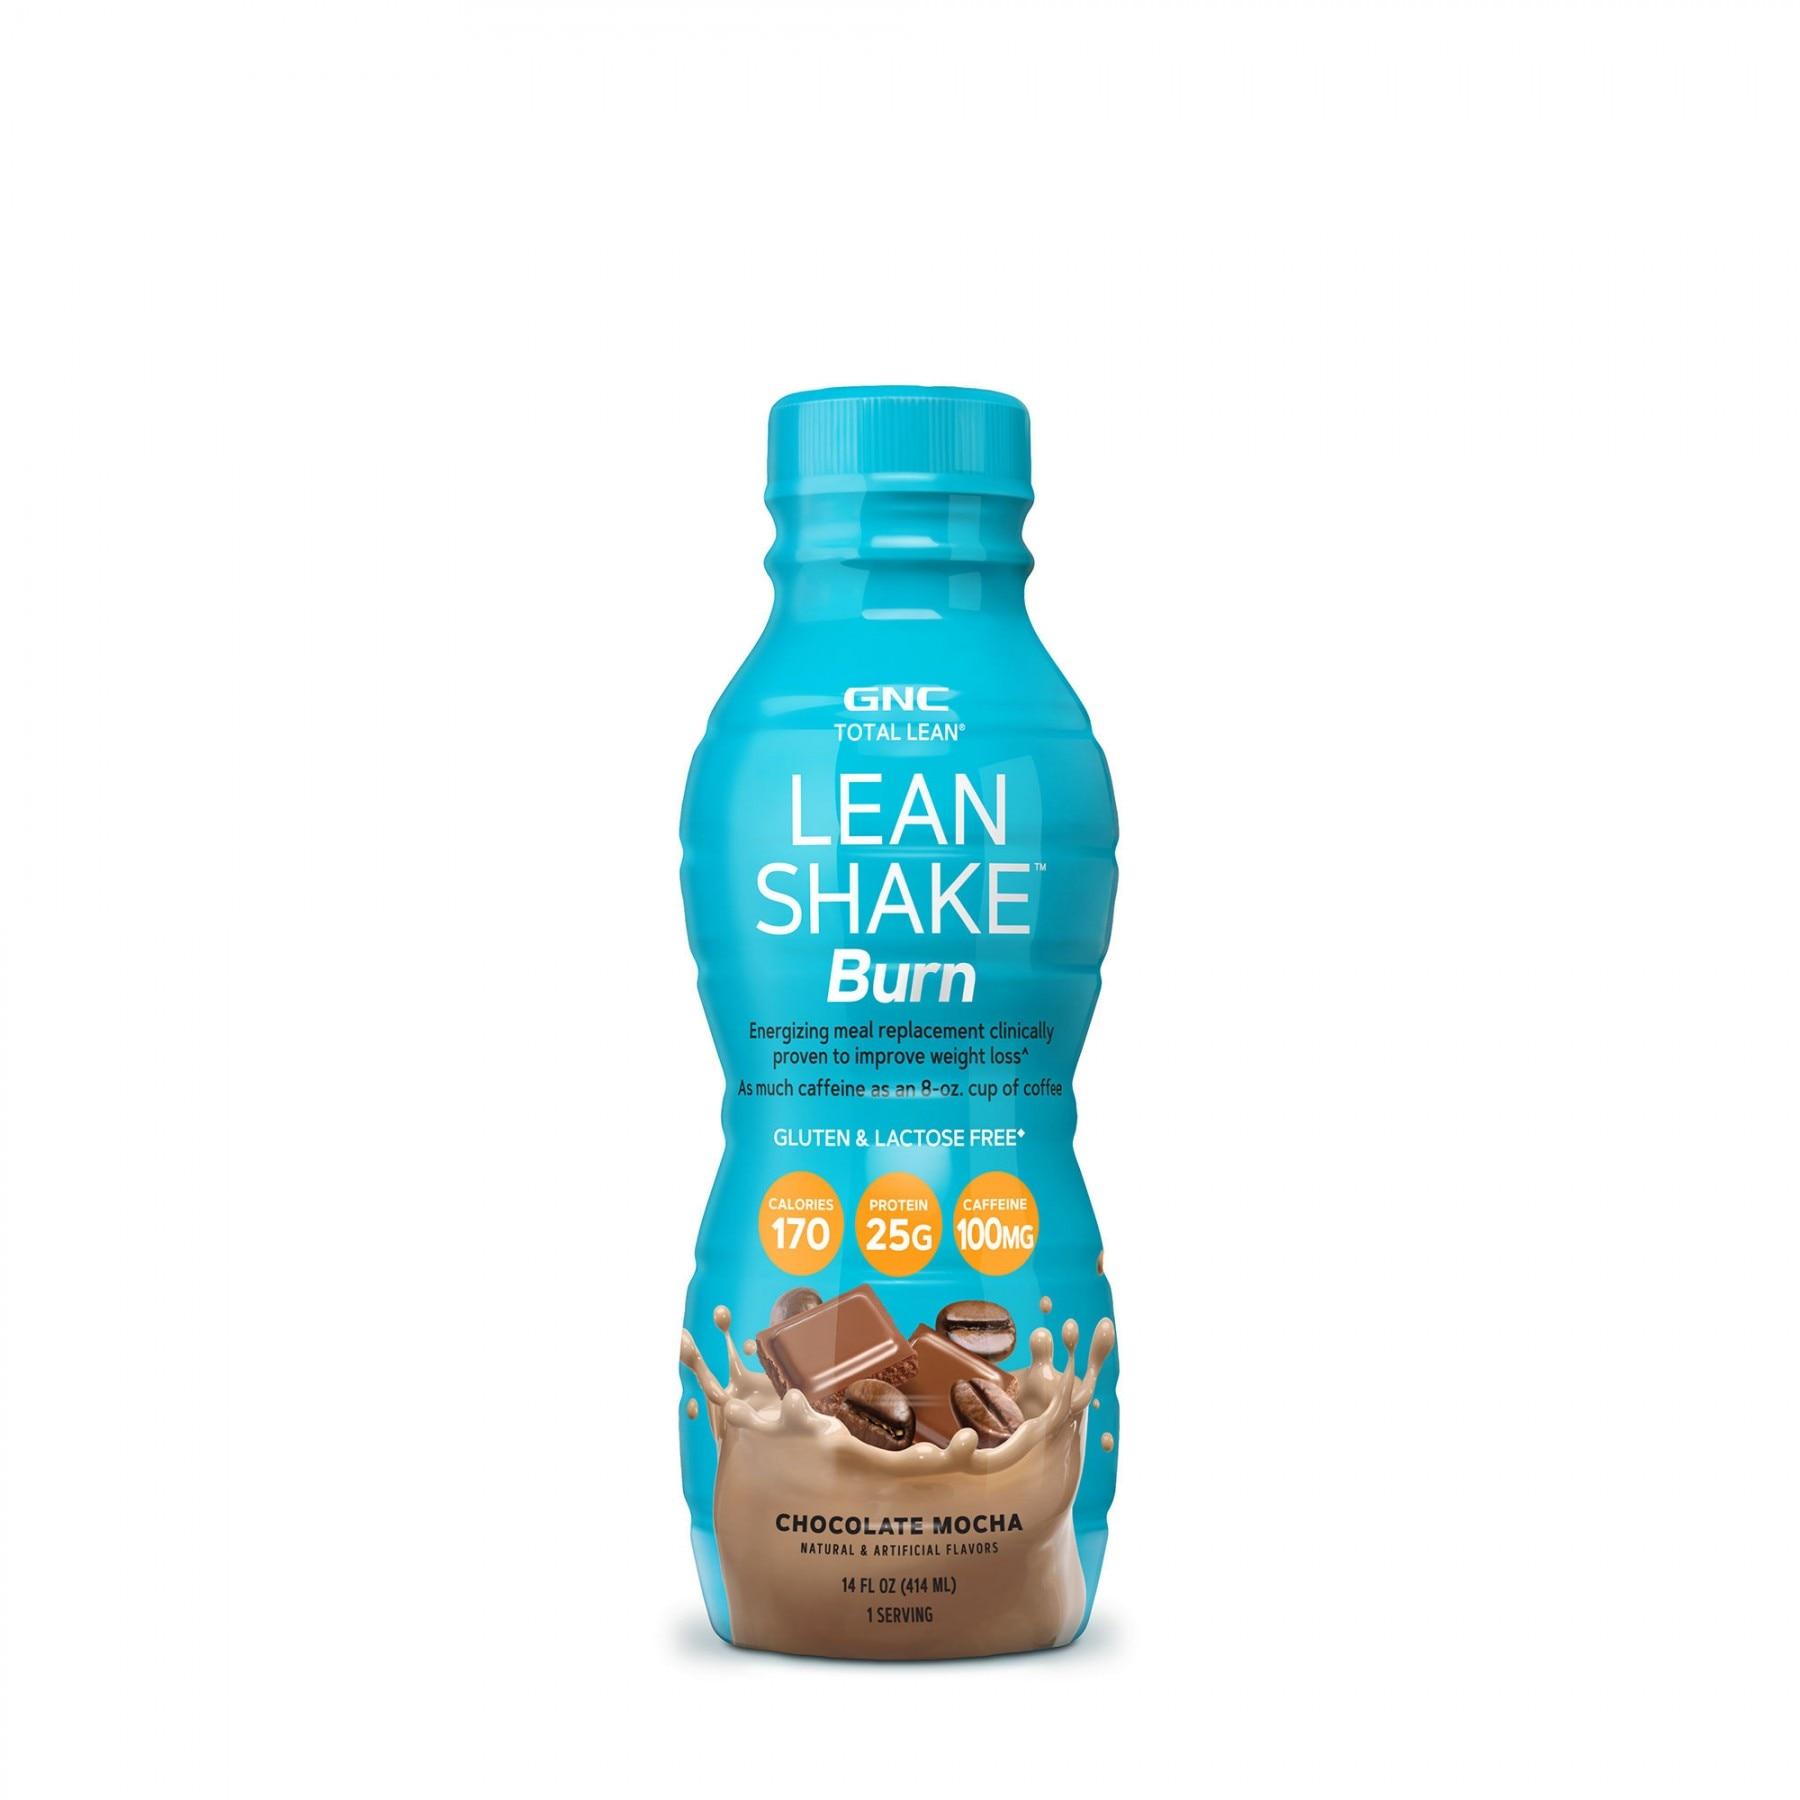 gnc lean shake arde rezultatele pierderii în greutate